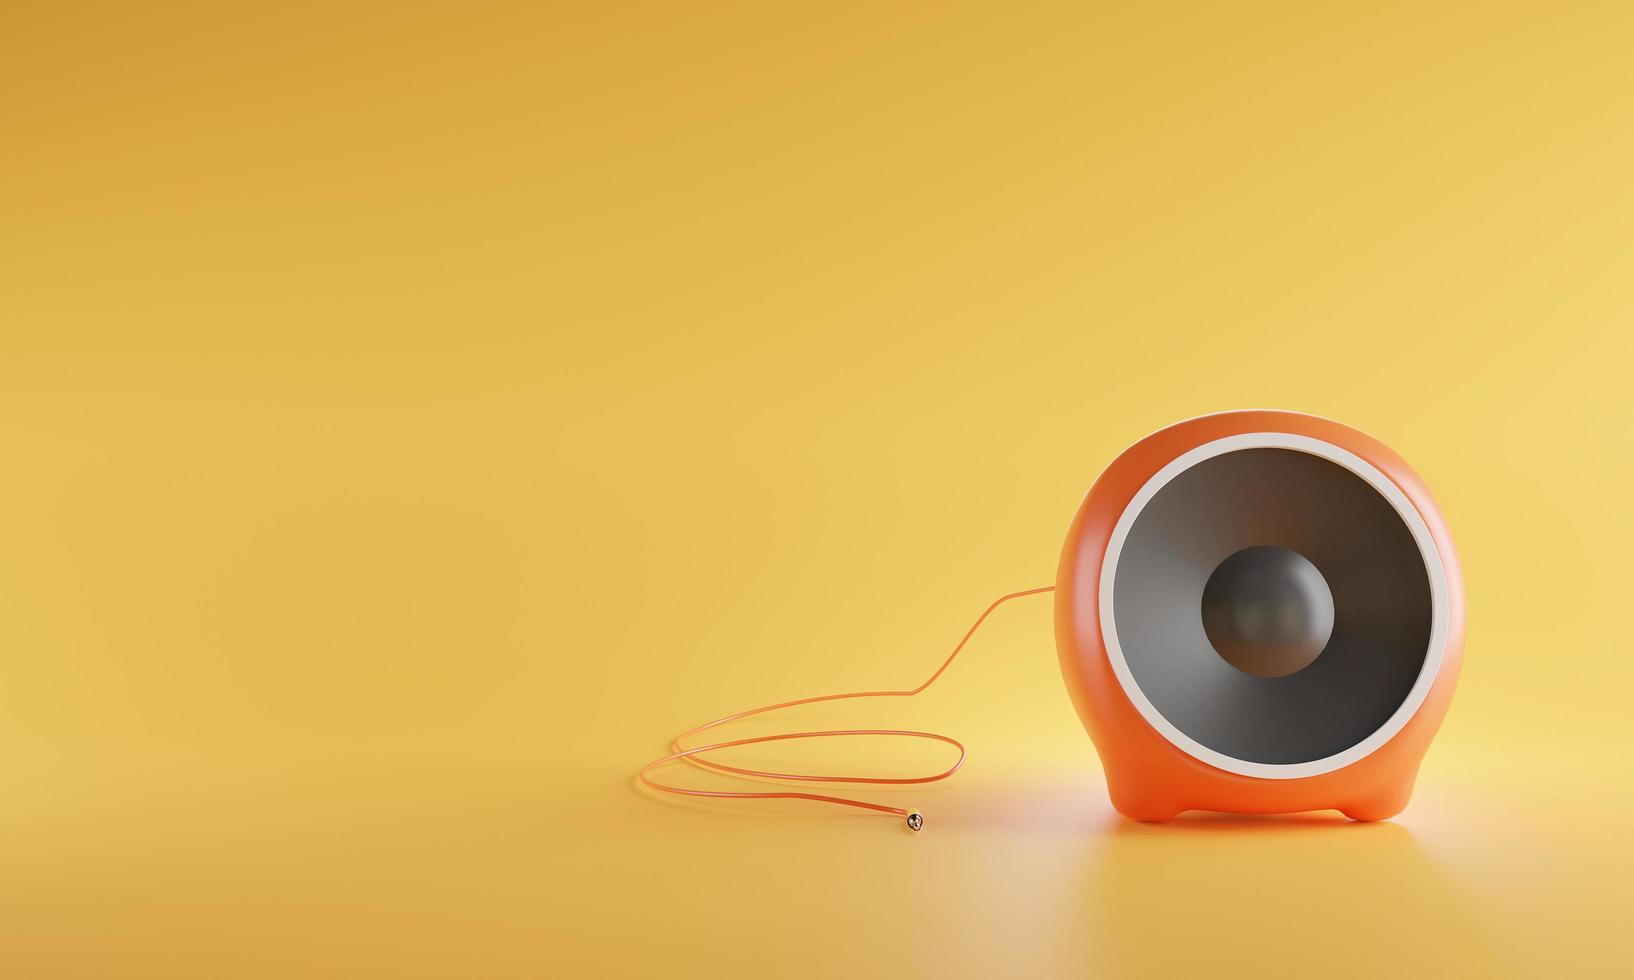 3D haut-parleur audio sphère couleur orange portable isolé sur fond jaune photo